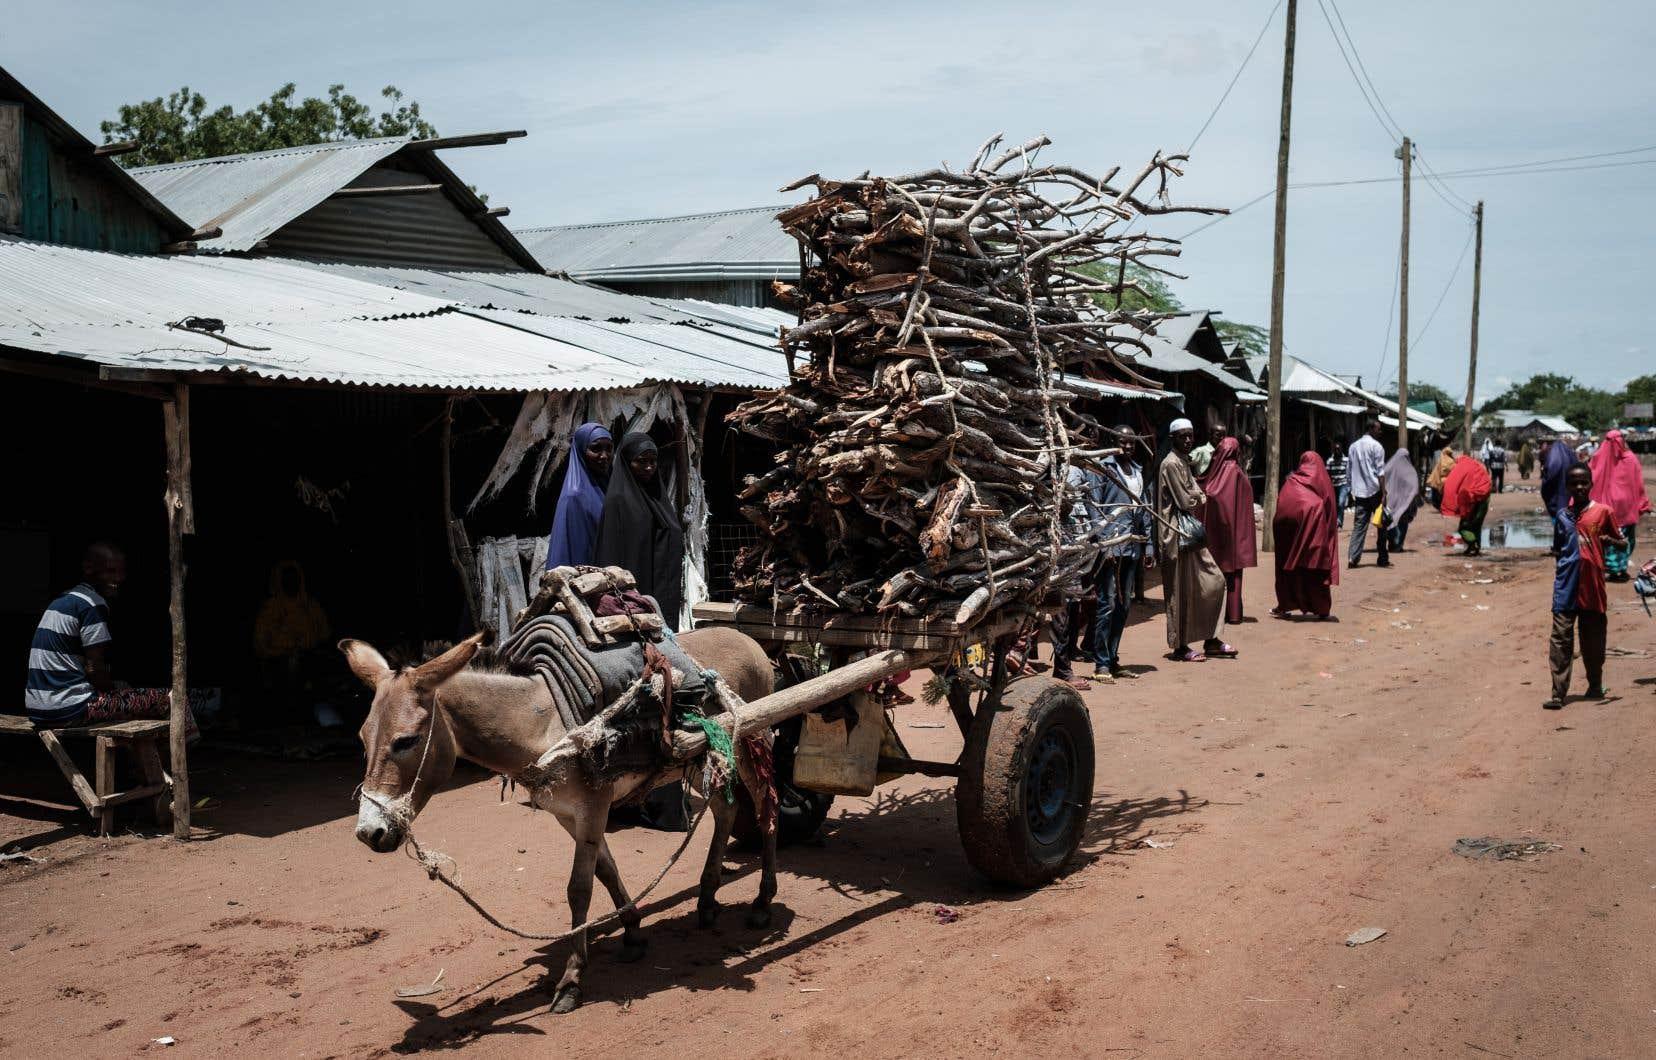 Situé à l'est du Kenya, le camp de Dadaab héberge quelque 230 000 personnes.